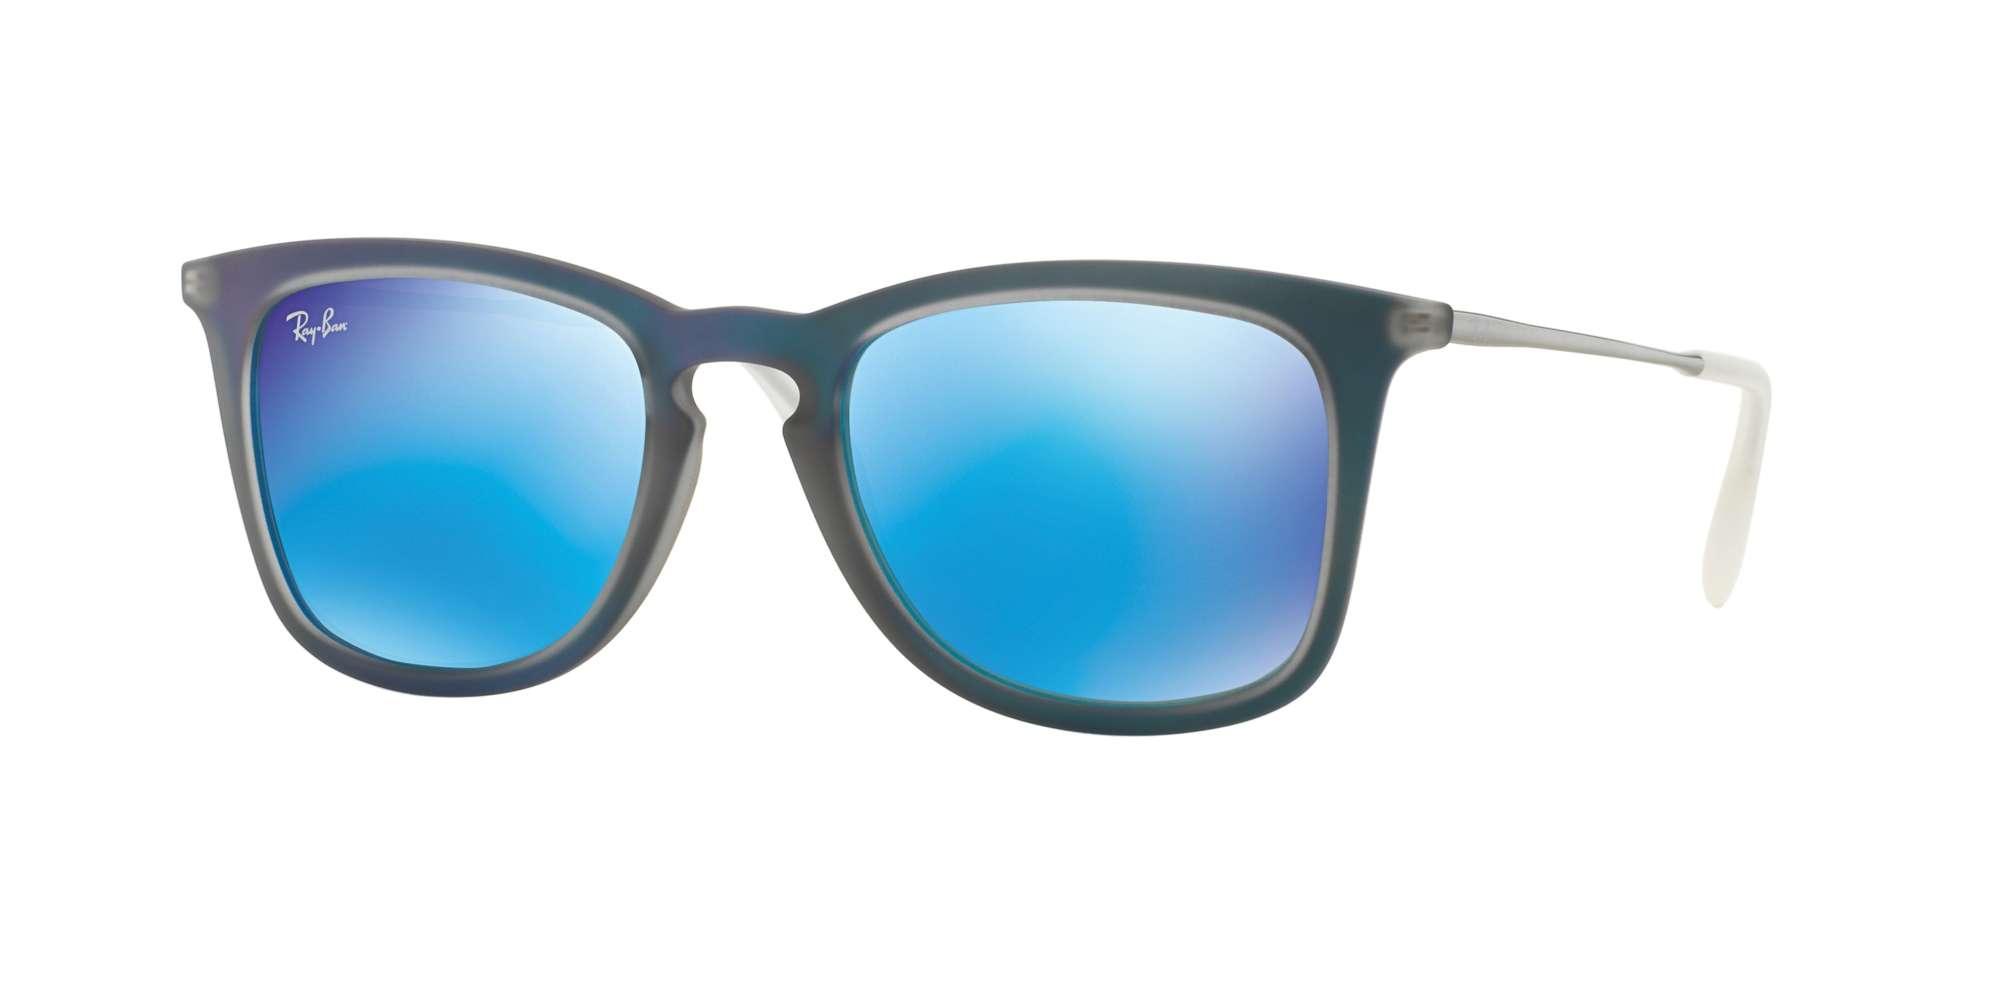 SHOT BLUE RUBBER / LIGHT GREEN MIRROR BLUE lenses